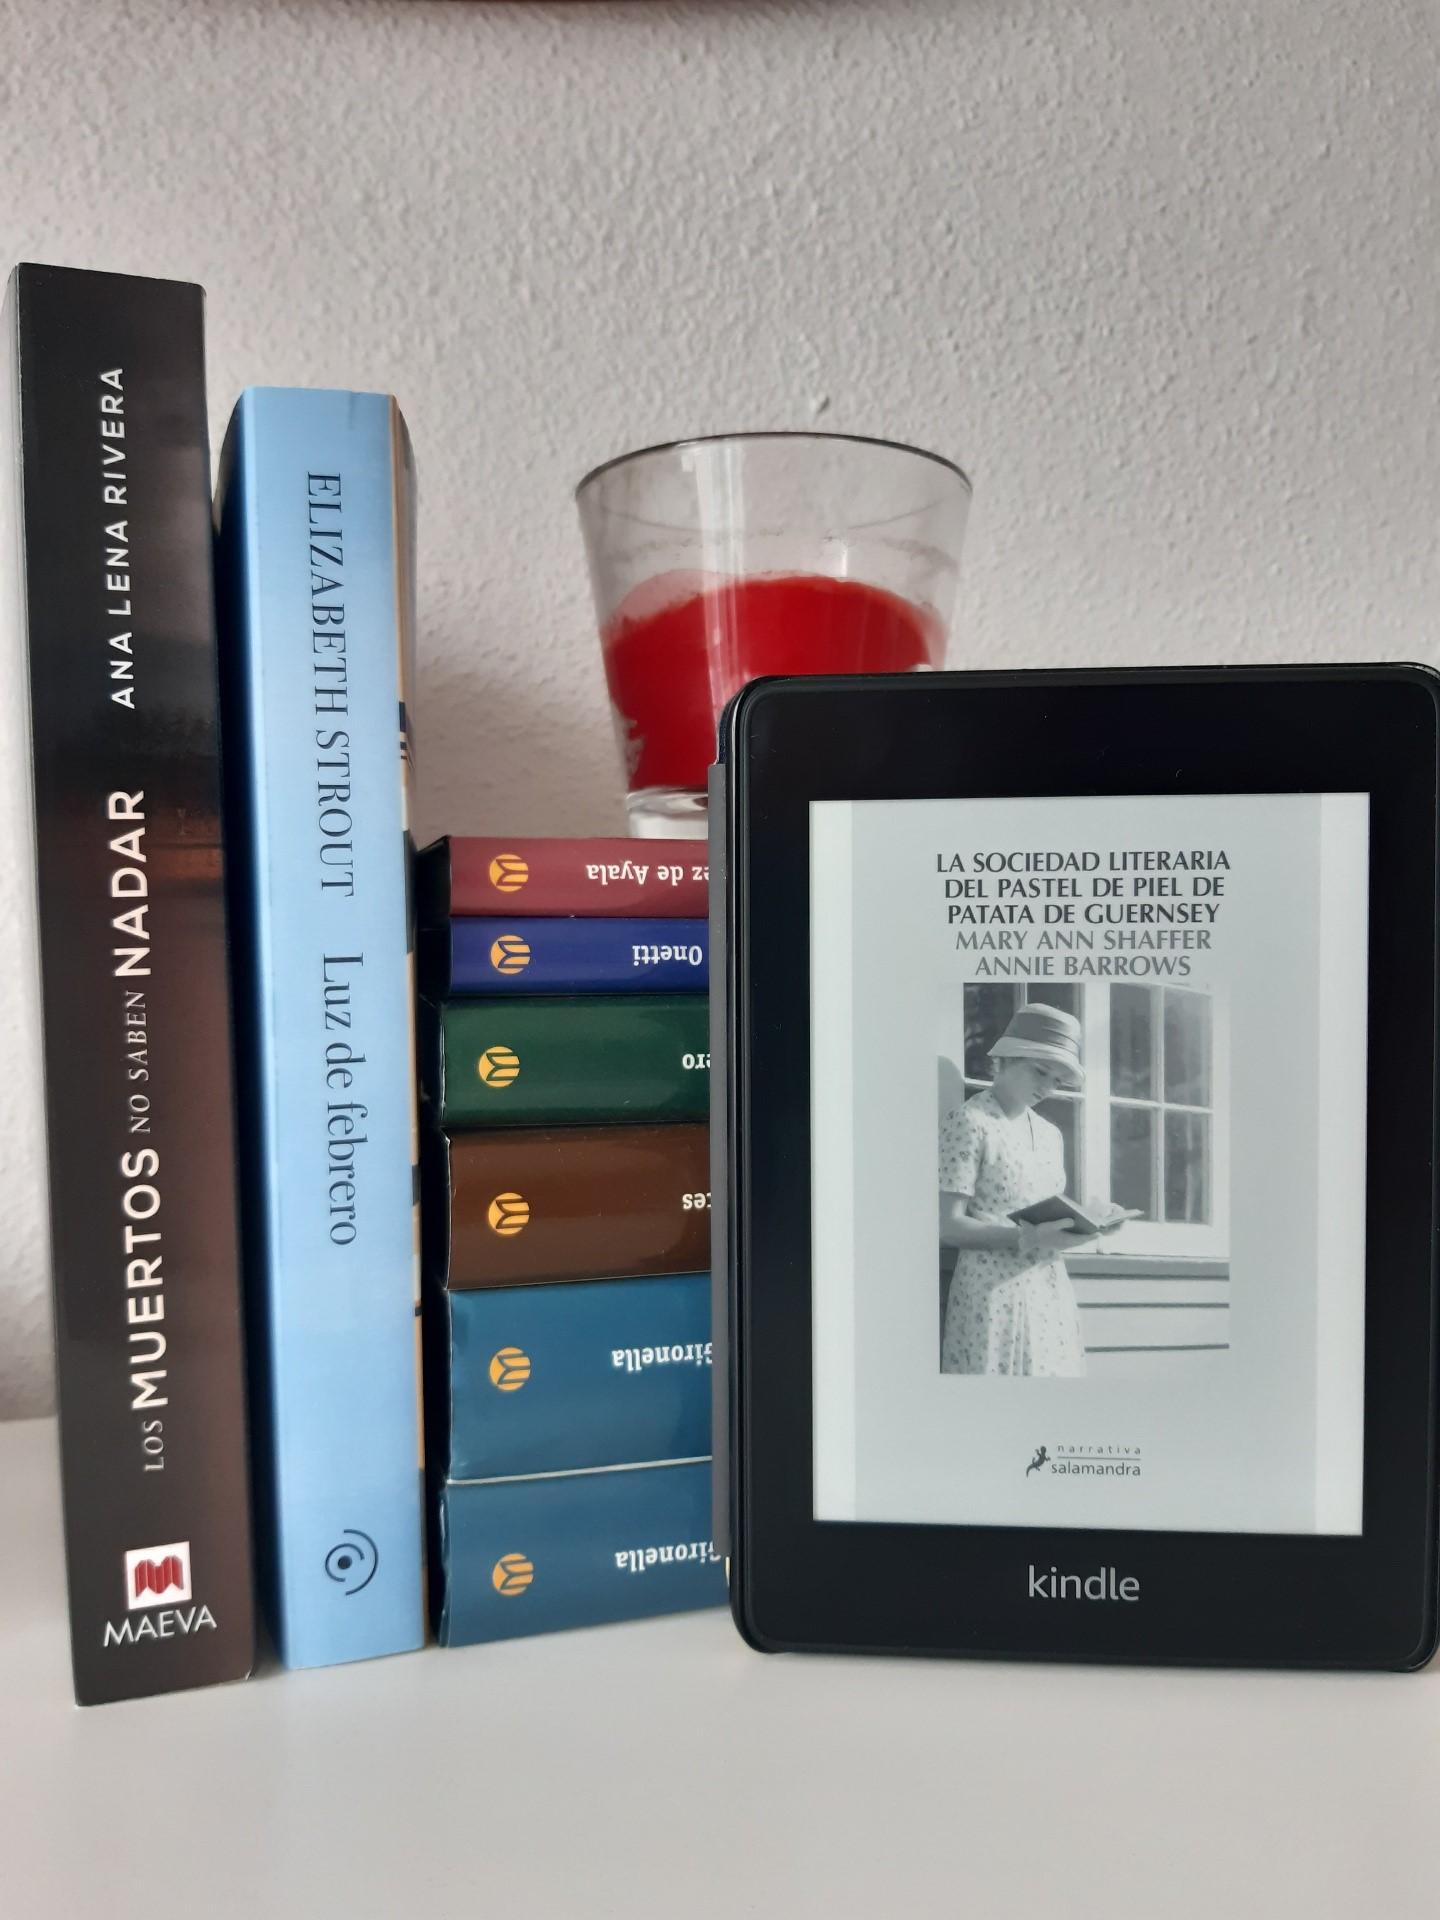 «LA SOCIEDAD LITERARIA DEL PASTEL DE PIEL DE PATATA DE GUERNSEY», de Mary Ann Shaffer y Annie Barrows